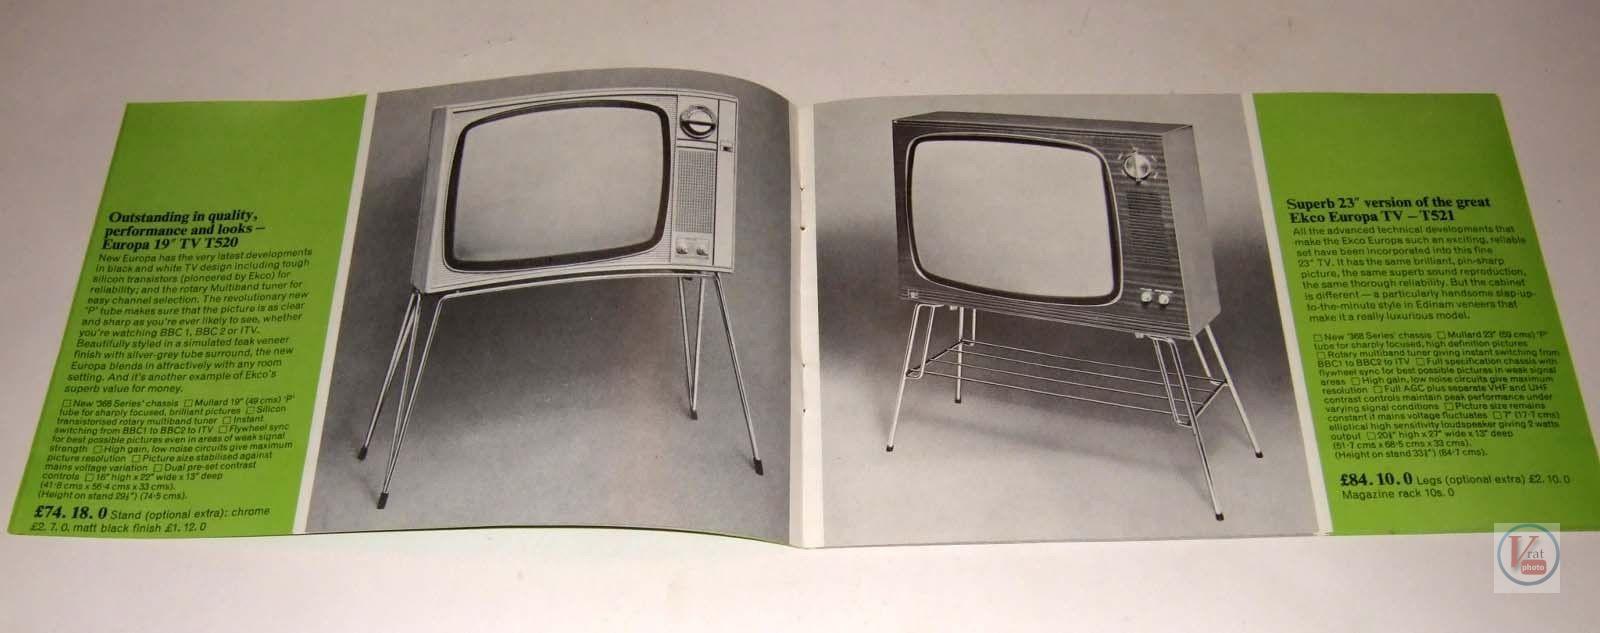 EKCO B&W TV's 63